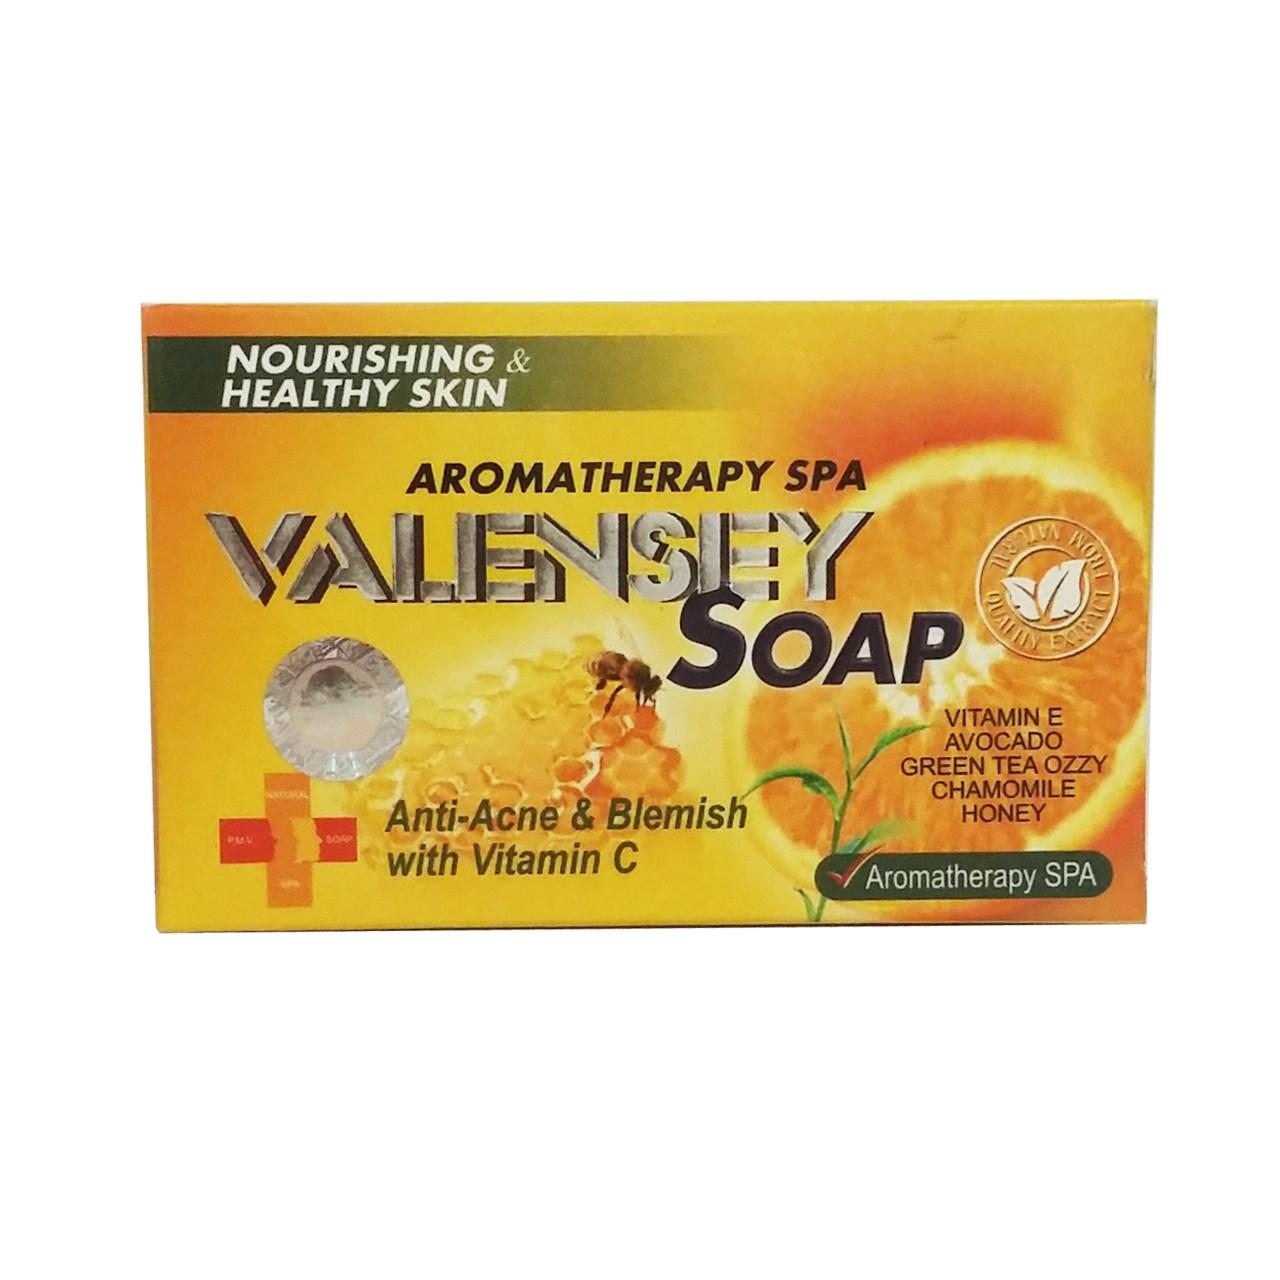 قیمت صابون ضدلک والنسی حاوی عصاره عسل و پرتقال مقدار 120 گرم